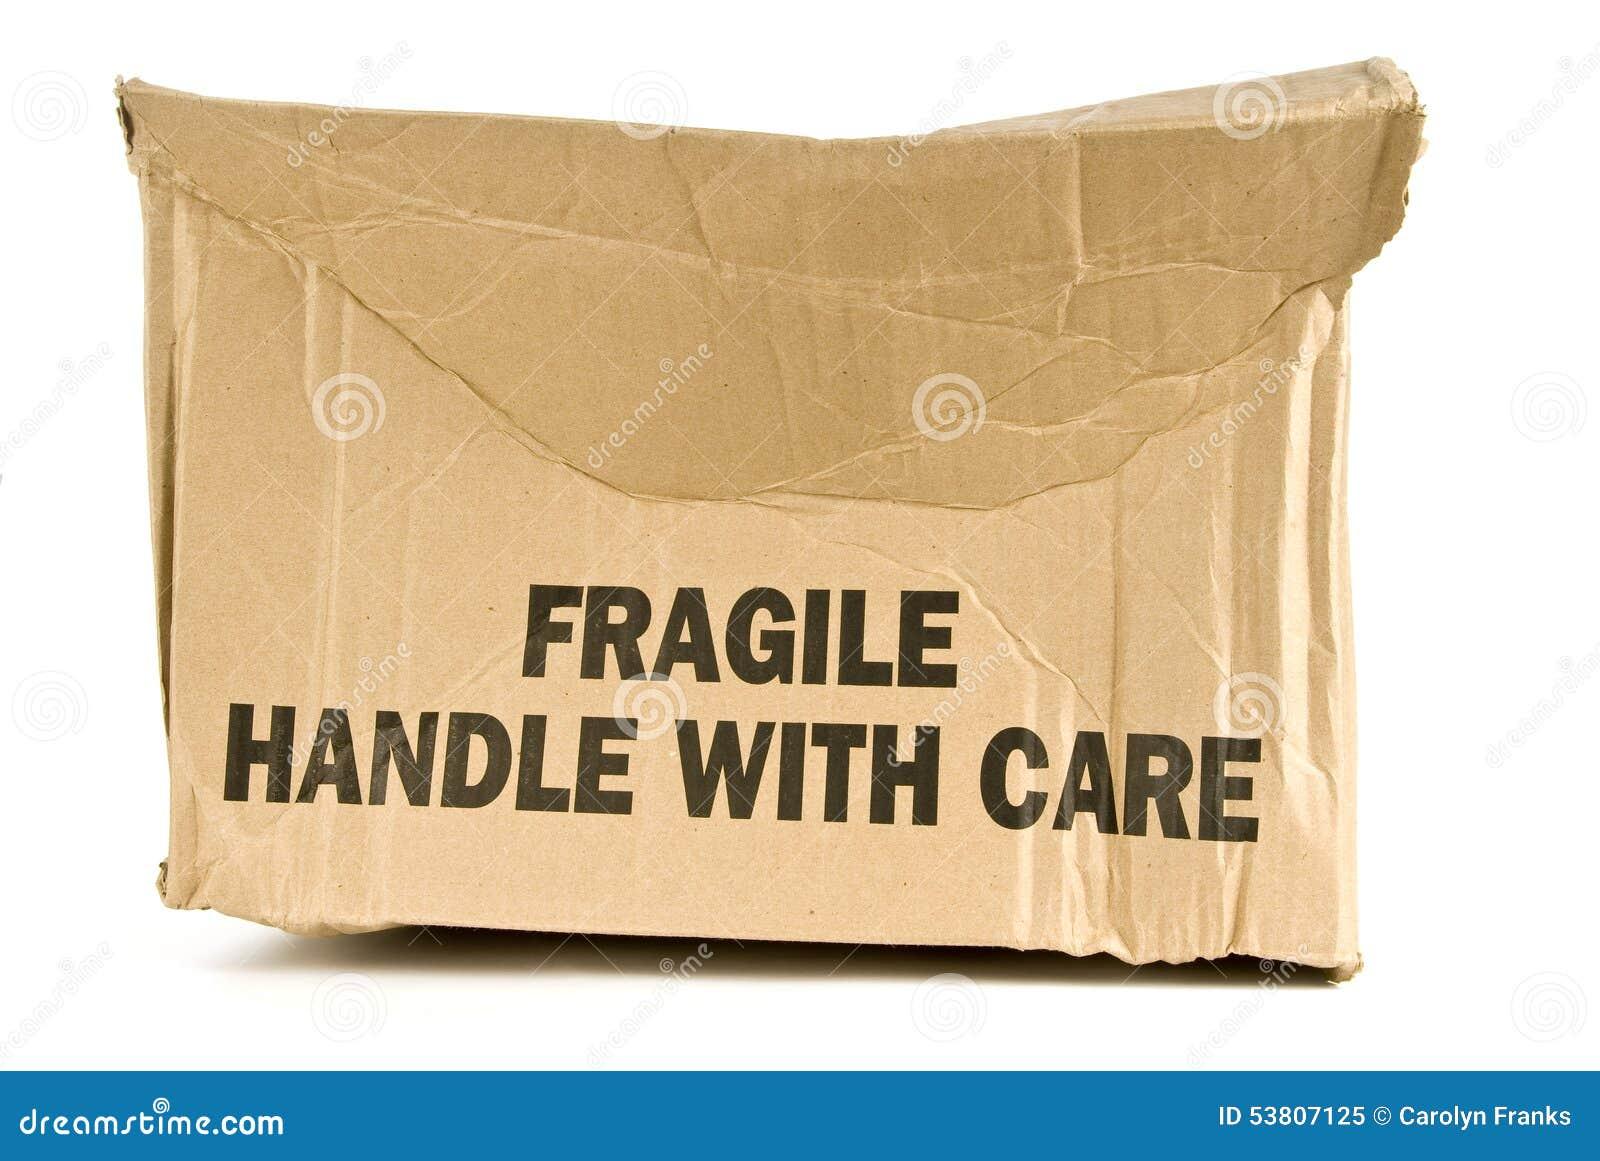 Crushed Fragile Box